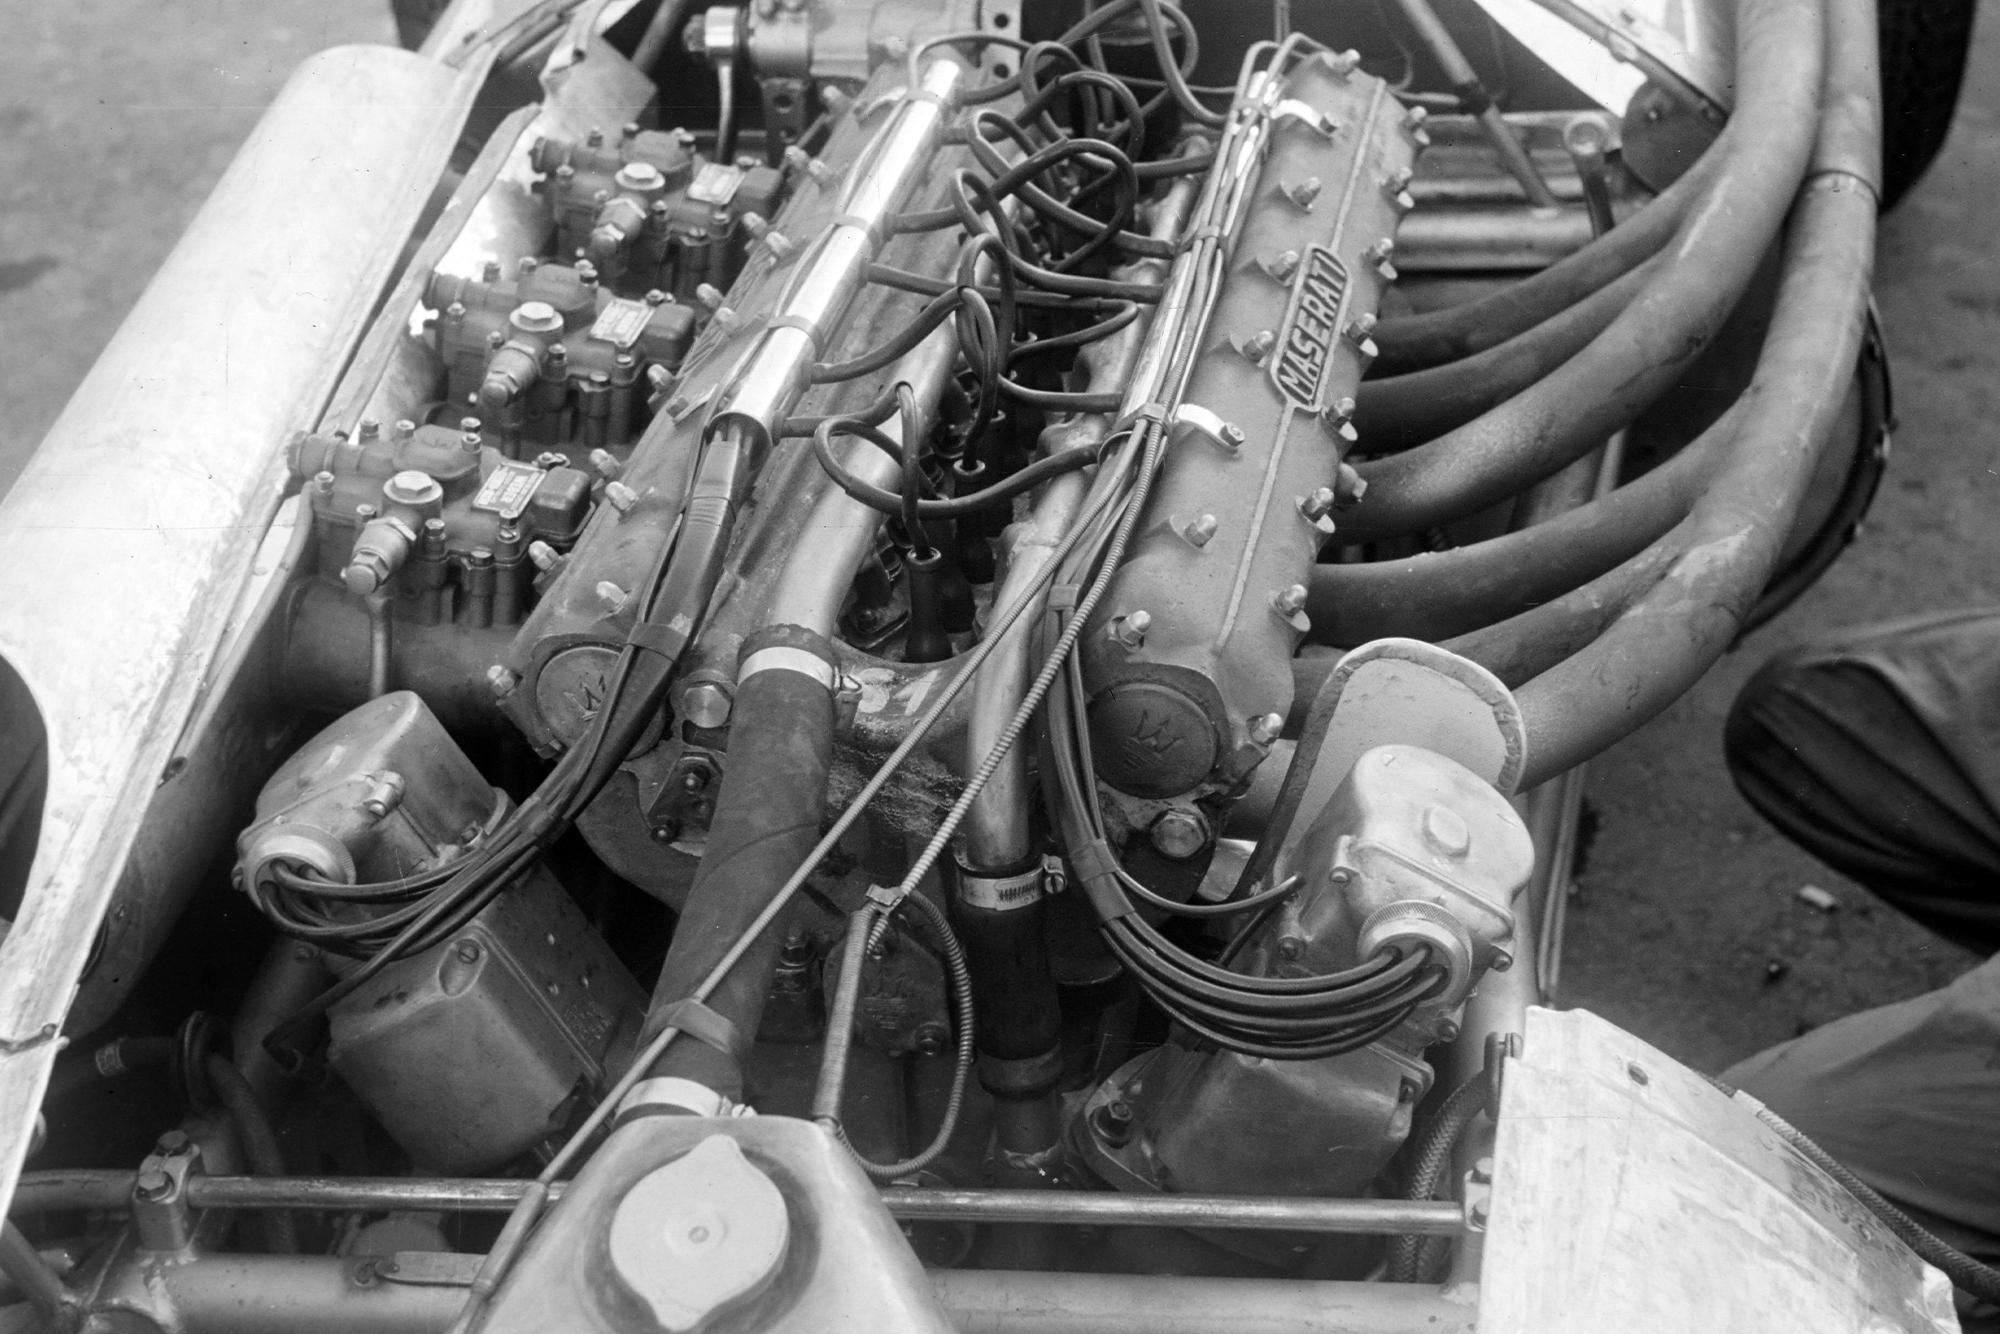 The engine in the Maseratie 250F, Italian Grand Prix, Monza.